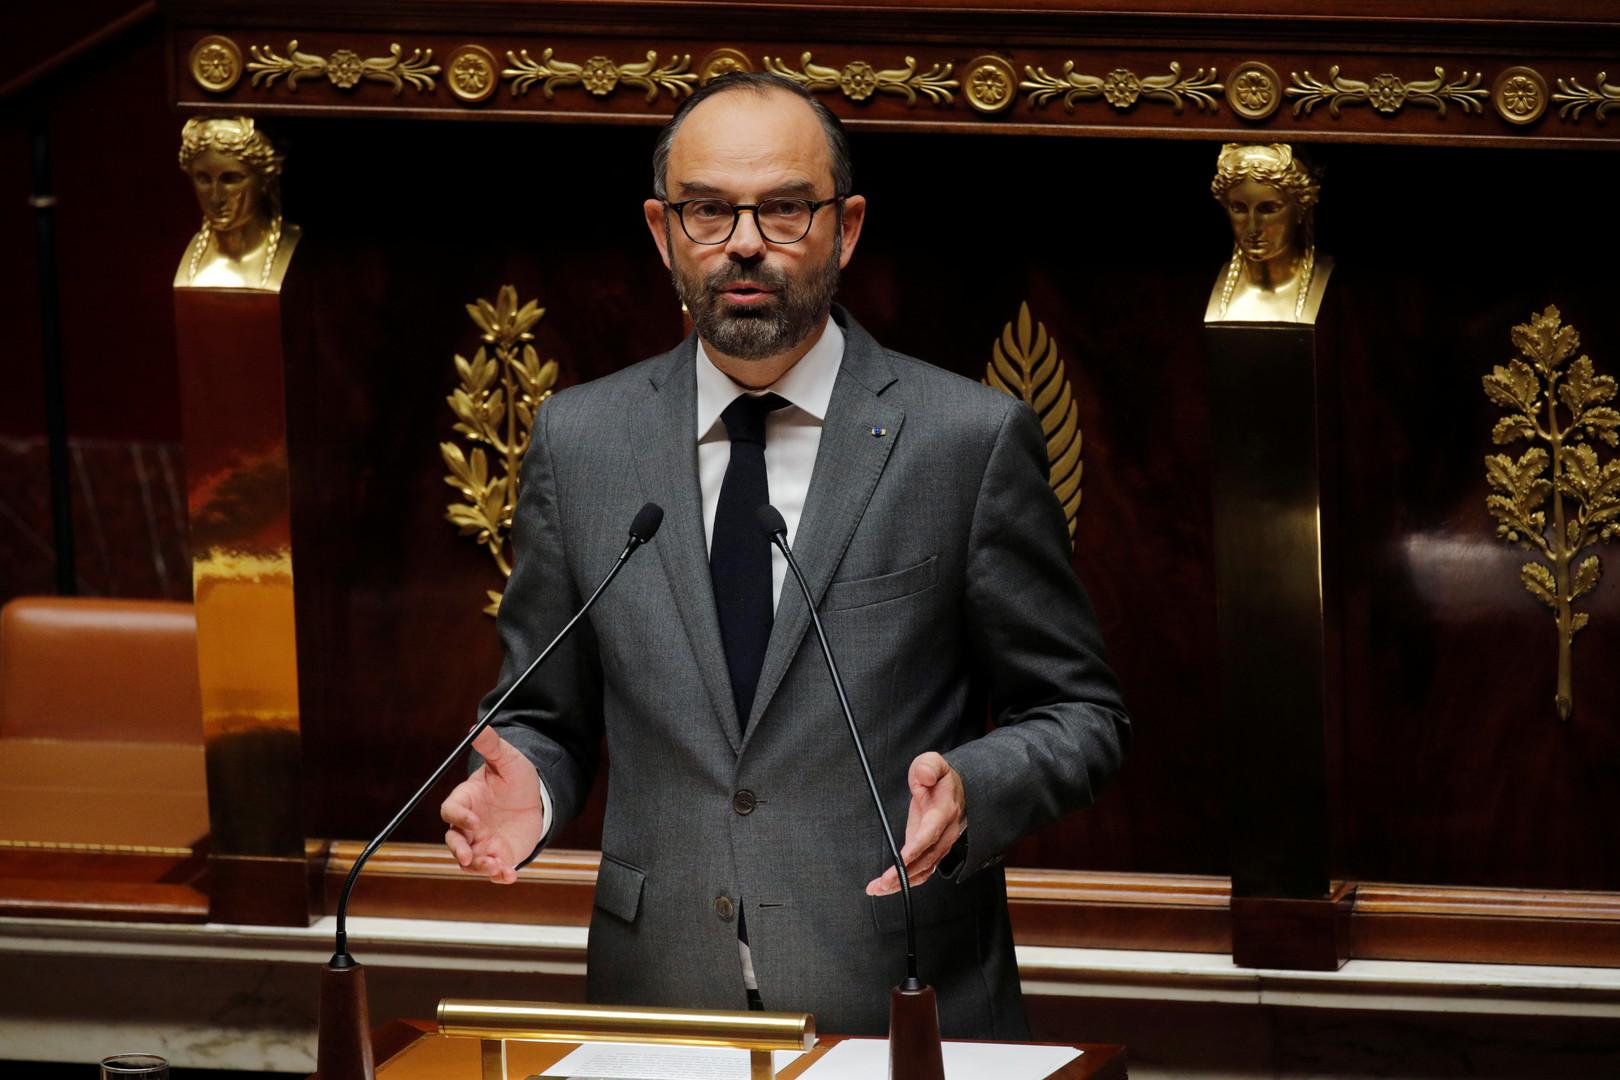 Matignon présente l'addition de la révision du budget 2019 : finalement ce sera un déficit de 3,2%